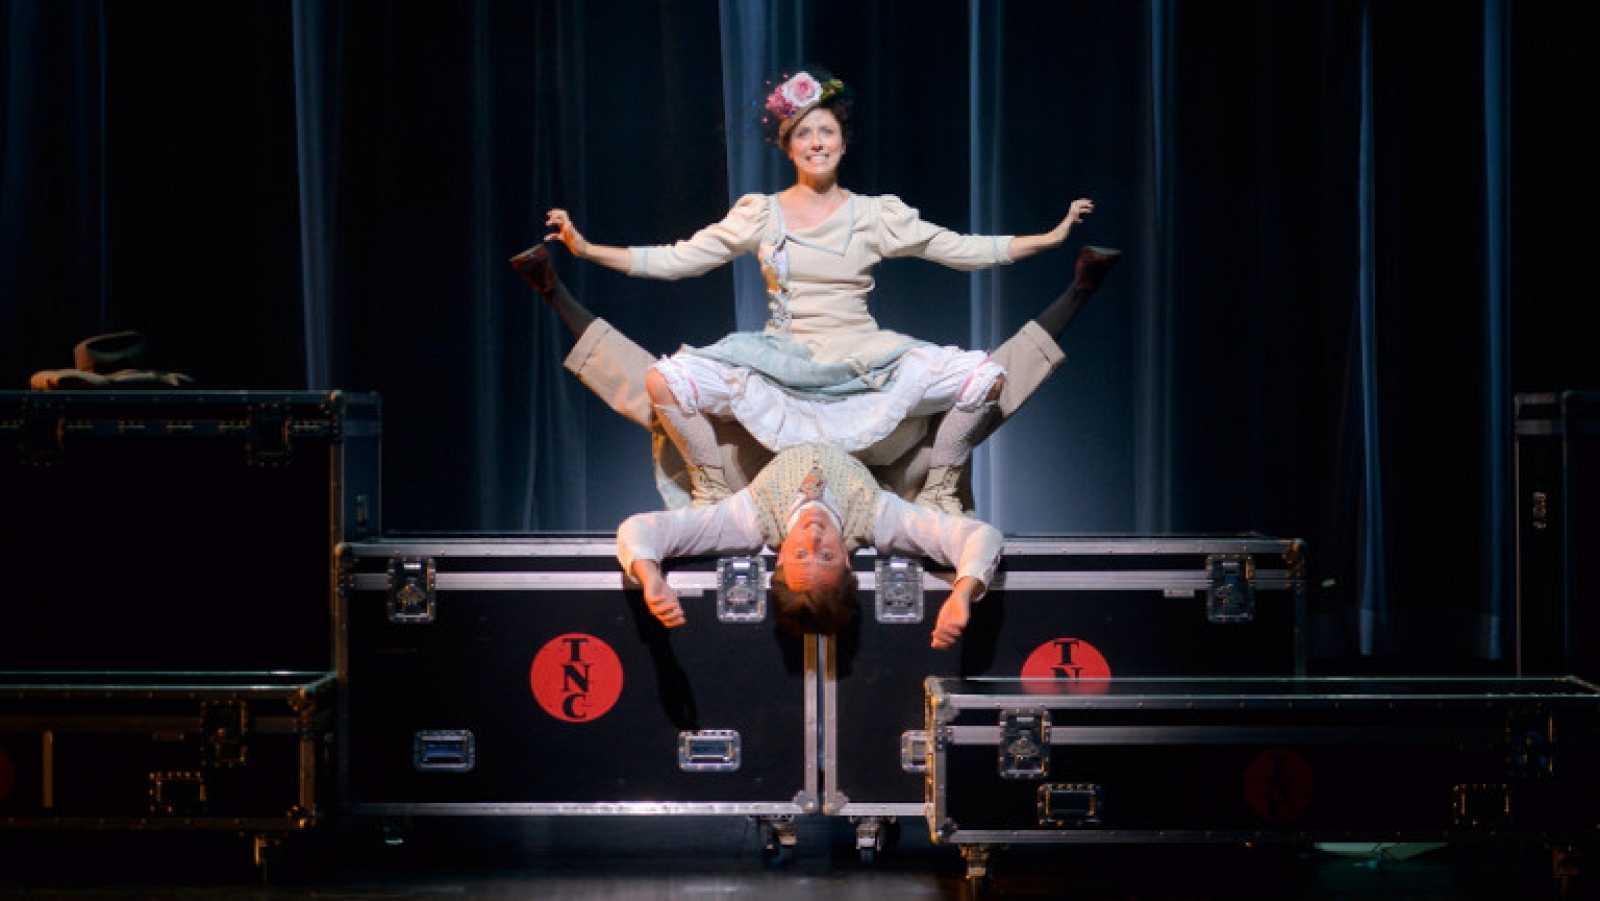 El Teatre Nacional de Catalunya homenajea a los espectáculos de variedades - Ver ahora